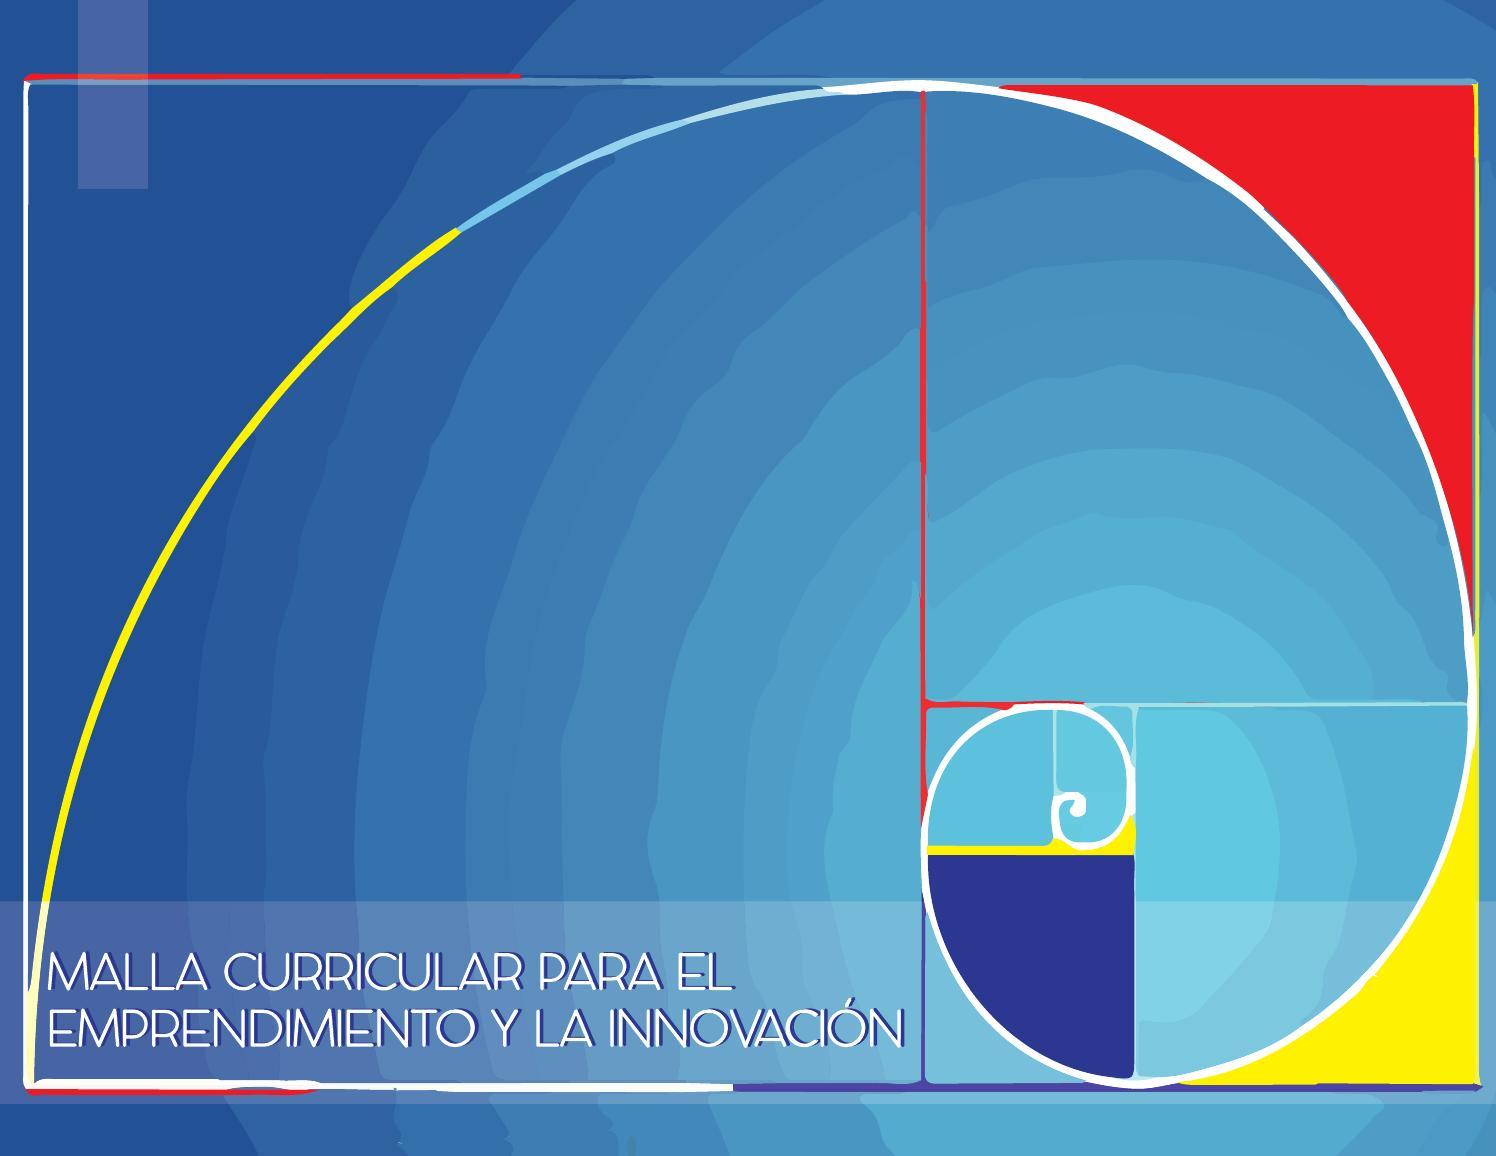 Malla curricular para el emprendimiento y la innovación by María ...